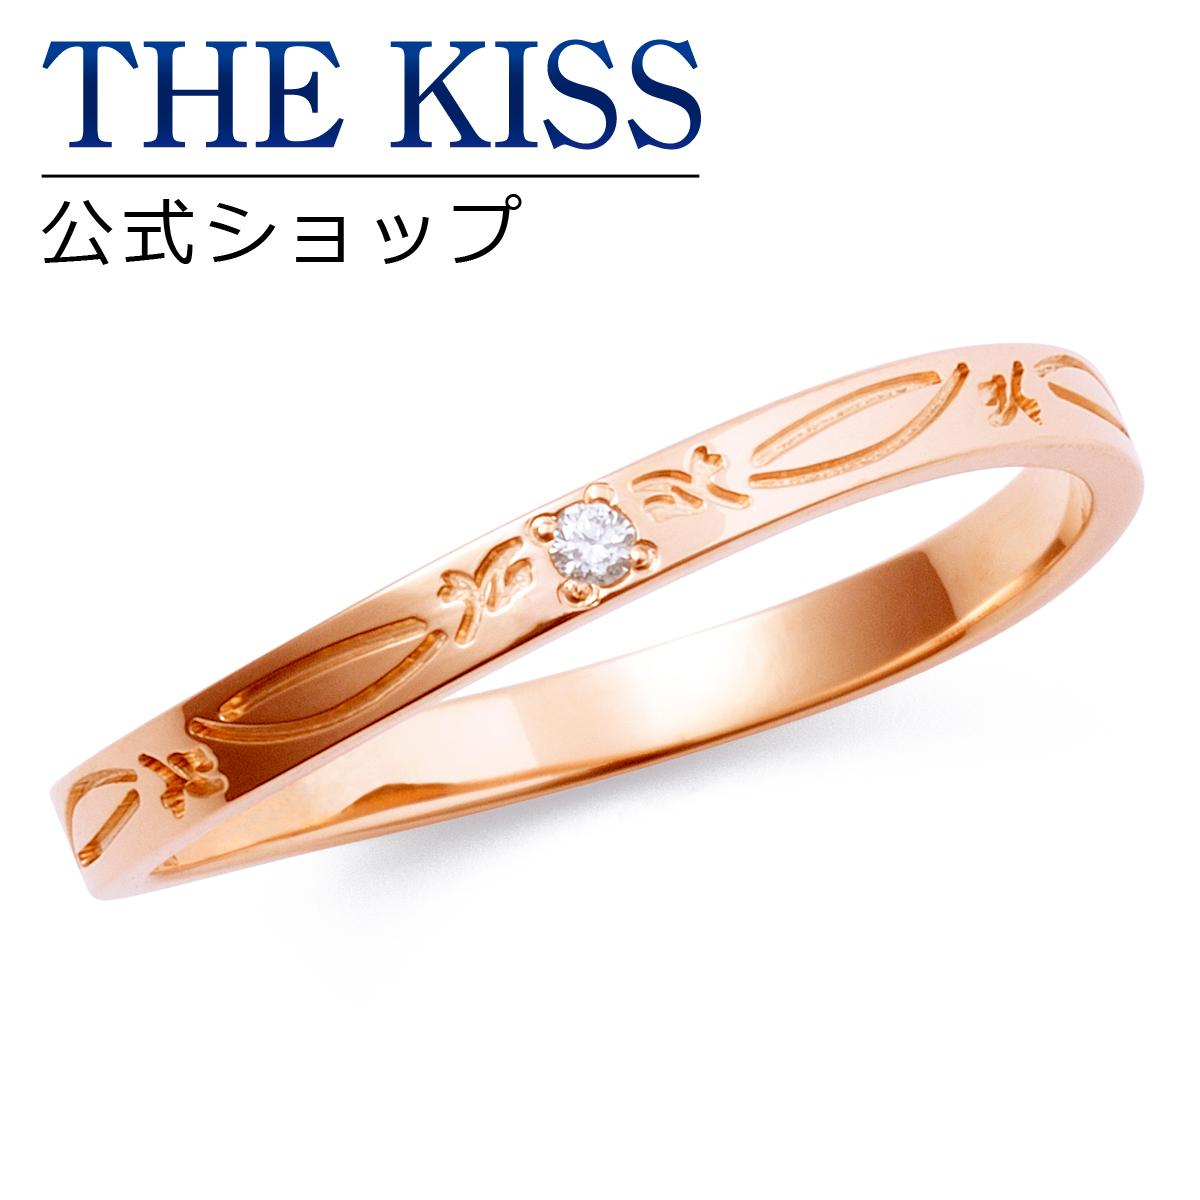 【あす楽対応】【送料無料】【THE KISS sweets】【ペアリング】 K10ピンクゴールド レディース リング (レディース単品) K-R804PG ☆ ゴールド ペア リング 指輪 ブランド GOLD Pair Ring couple